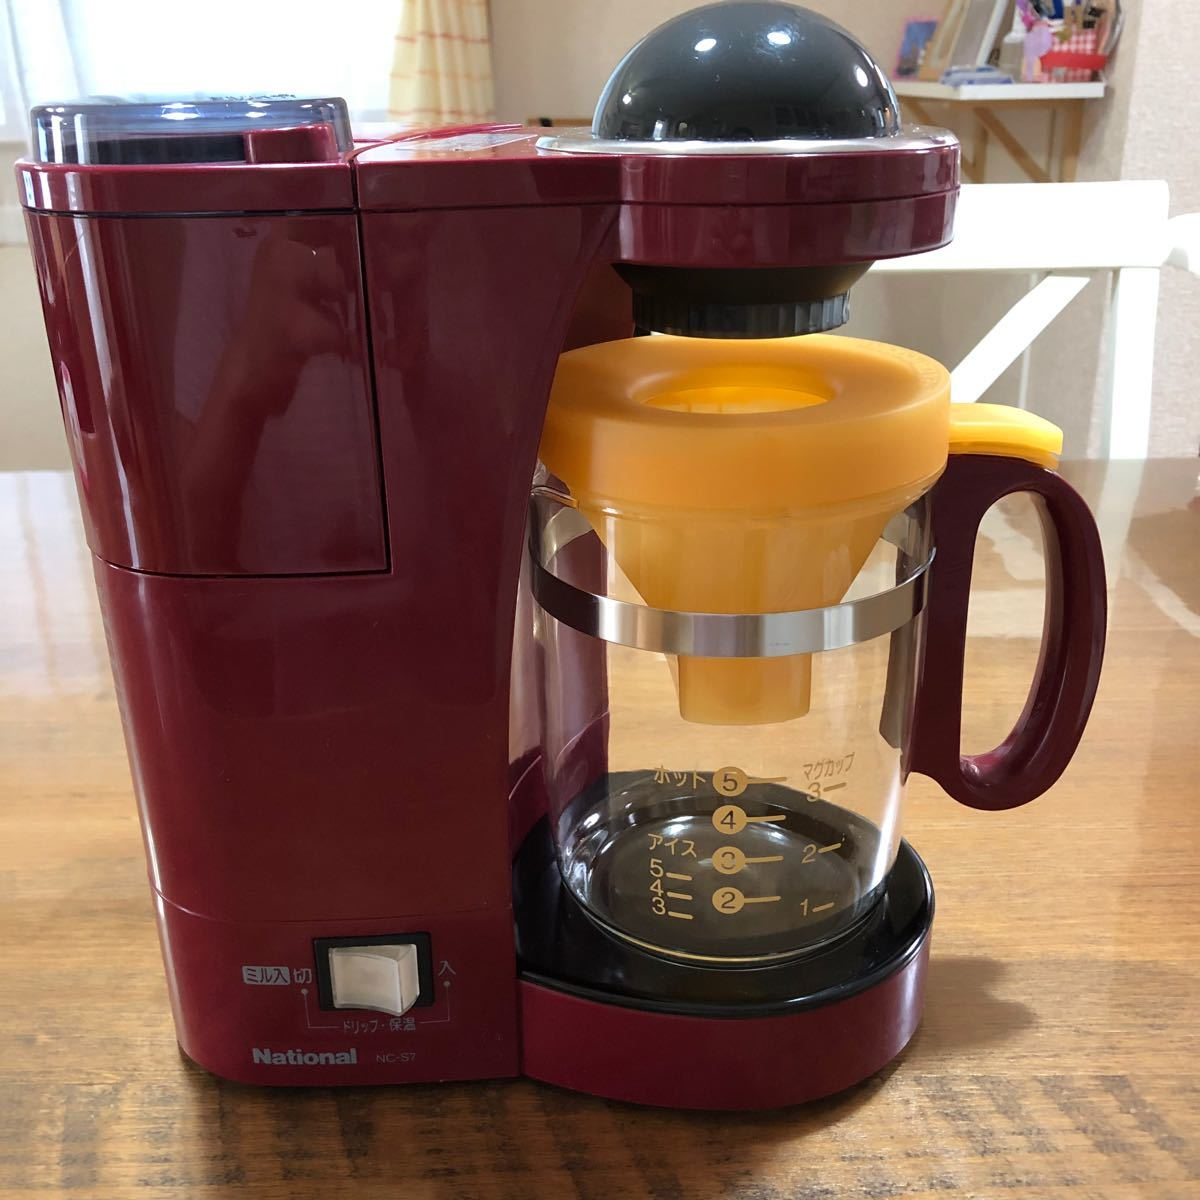 ナショナル コーヒーメーカー